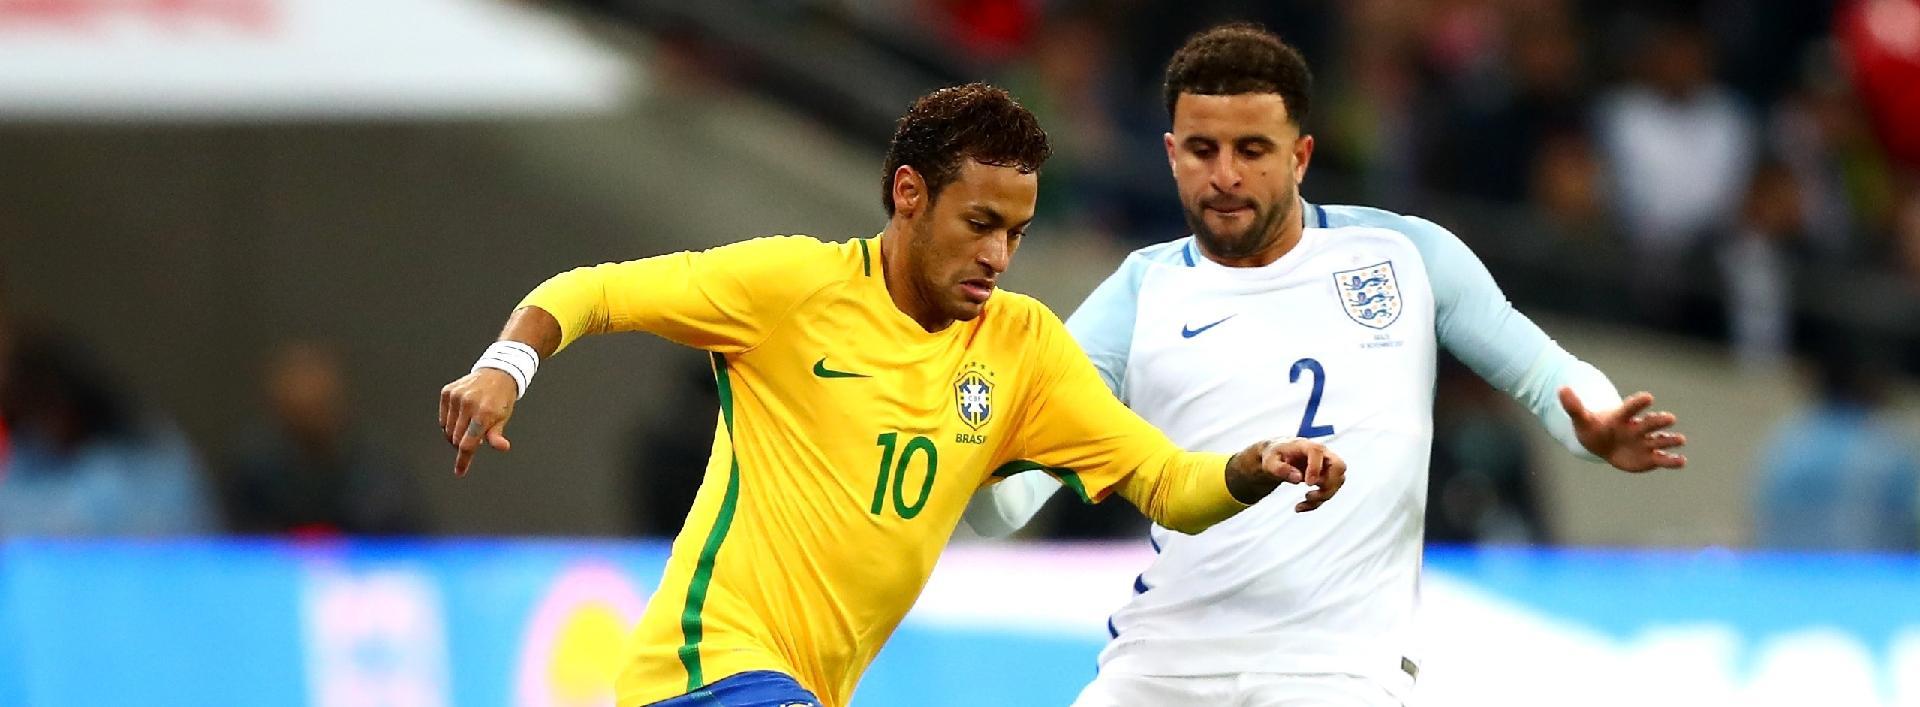 Neymar e Kyle Walker disputam jogada no amistoso entre Inglaterra e Brasil